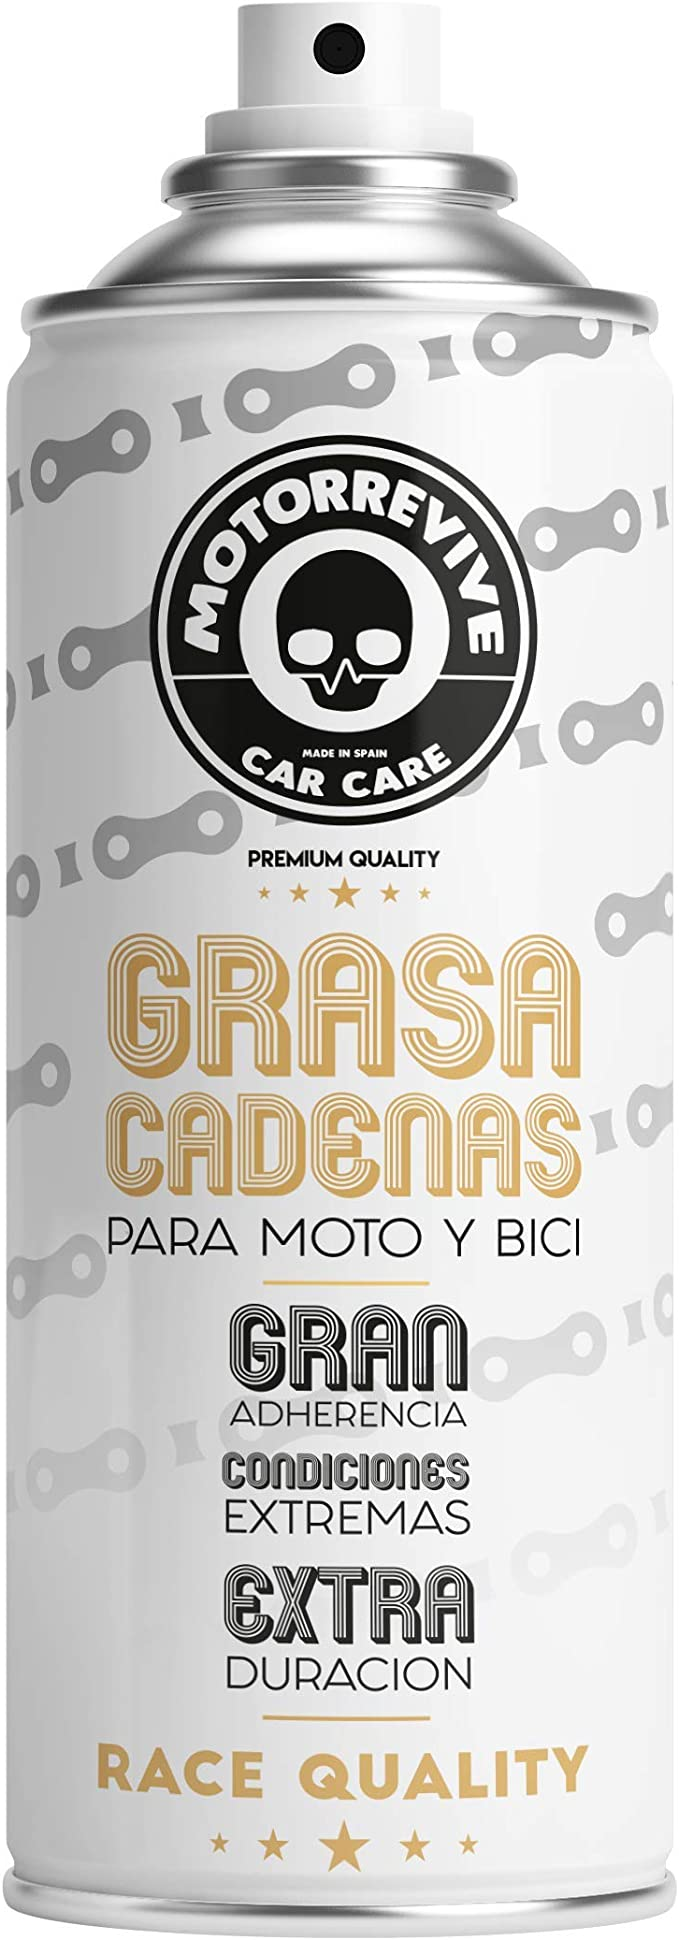 Motorrevive - Grasa Cadenas en Spray para Moto, Bicicleta y Otras ...